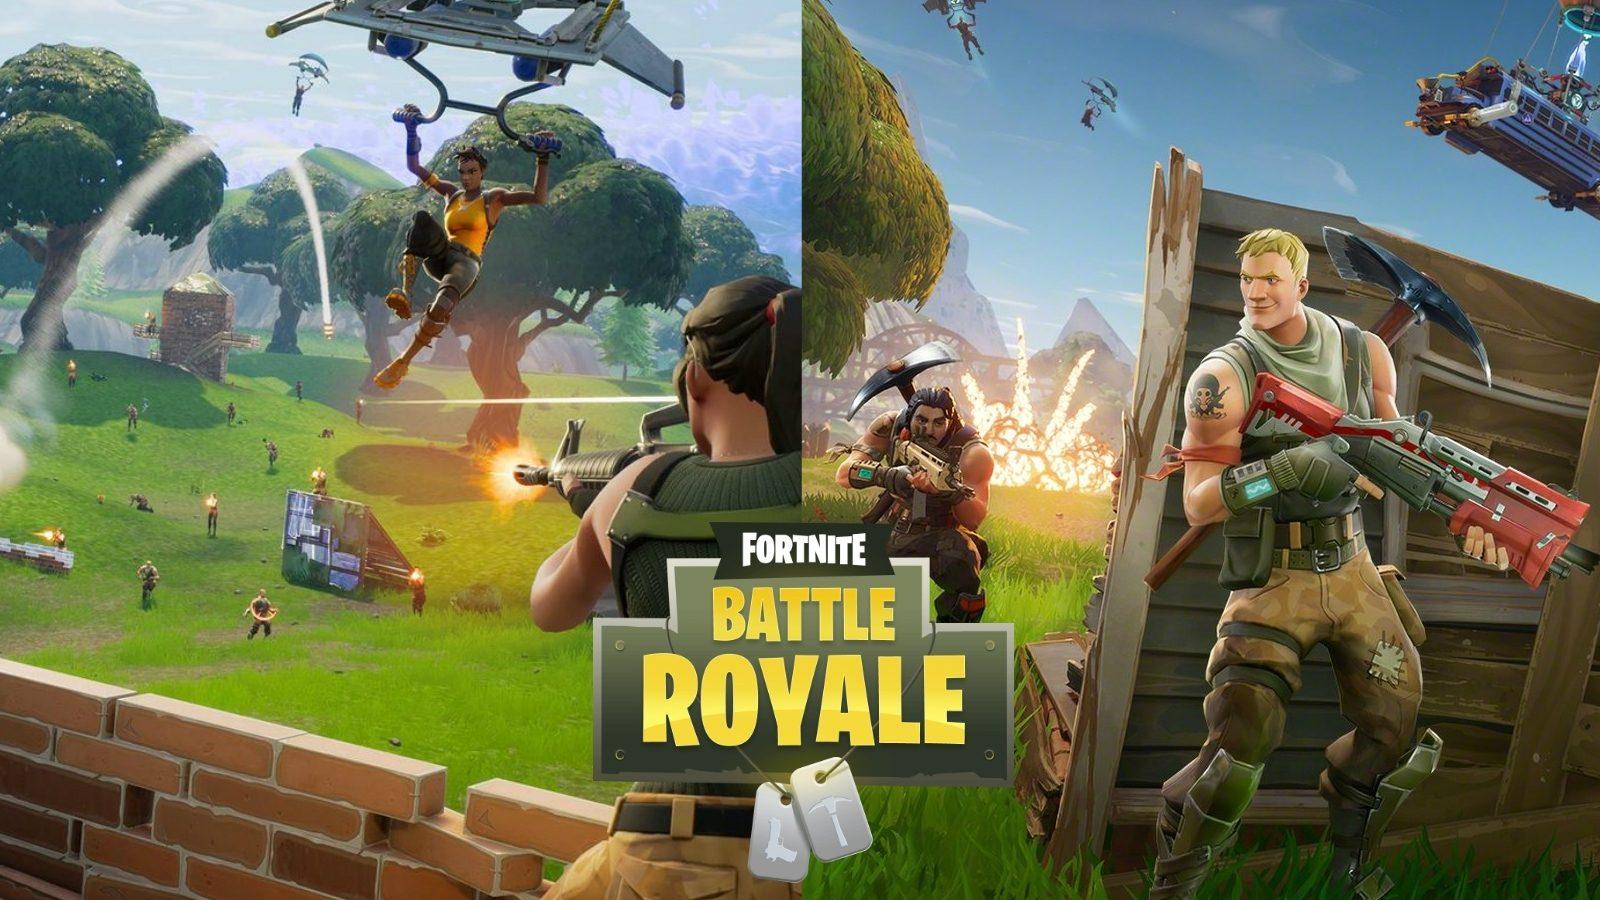 تحميل لعبة fortnite battle royale للكمبيوتر من ميديا فاير